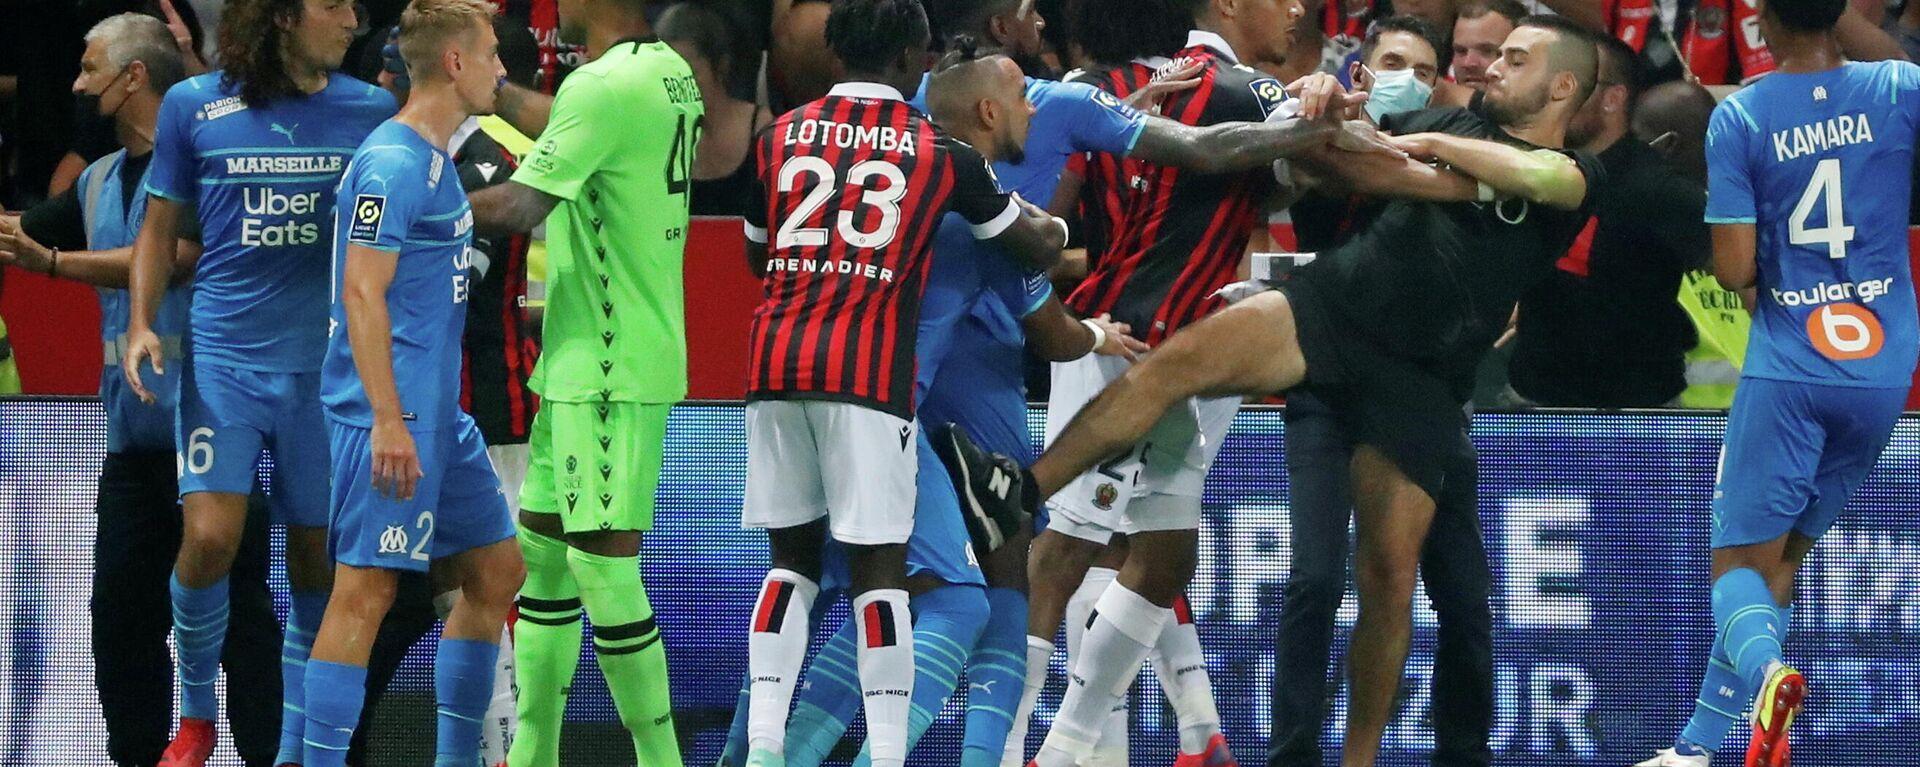 Fußball-Ligue 1 - OGC Nizza gegen Olympique de Marseille - Allianz Riviera, Nizza, Frankreich - 22. August 2021. Angreifer stoßen mit Spielern zusammen, als das Spiel unterbrochen wird. REUTERS/Eric Gaillard - SNA, 1920, 25.08.2021